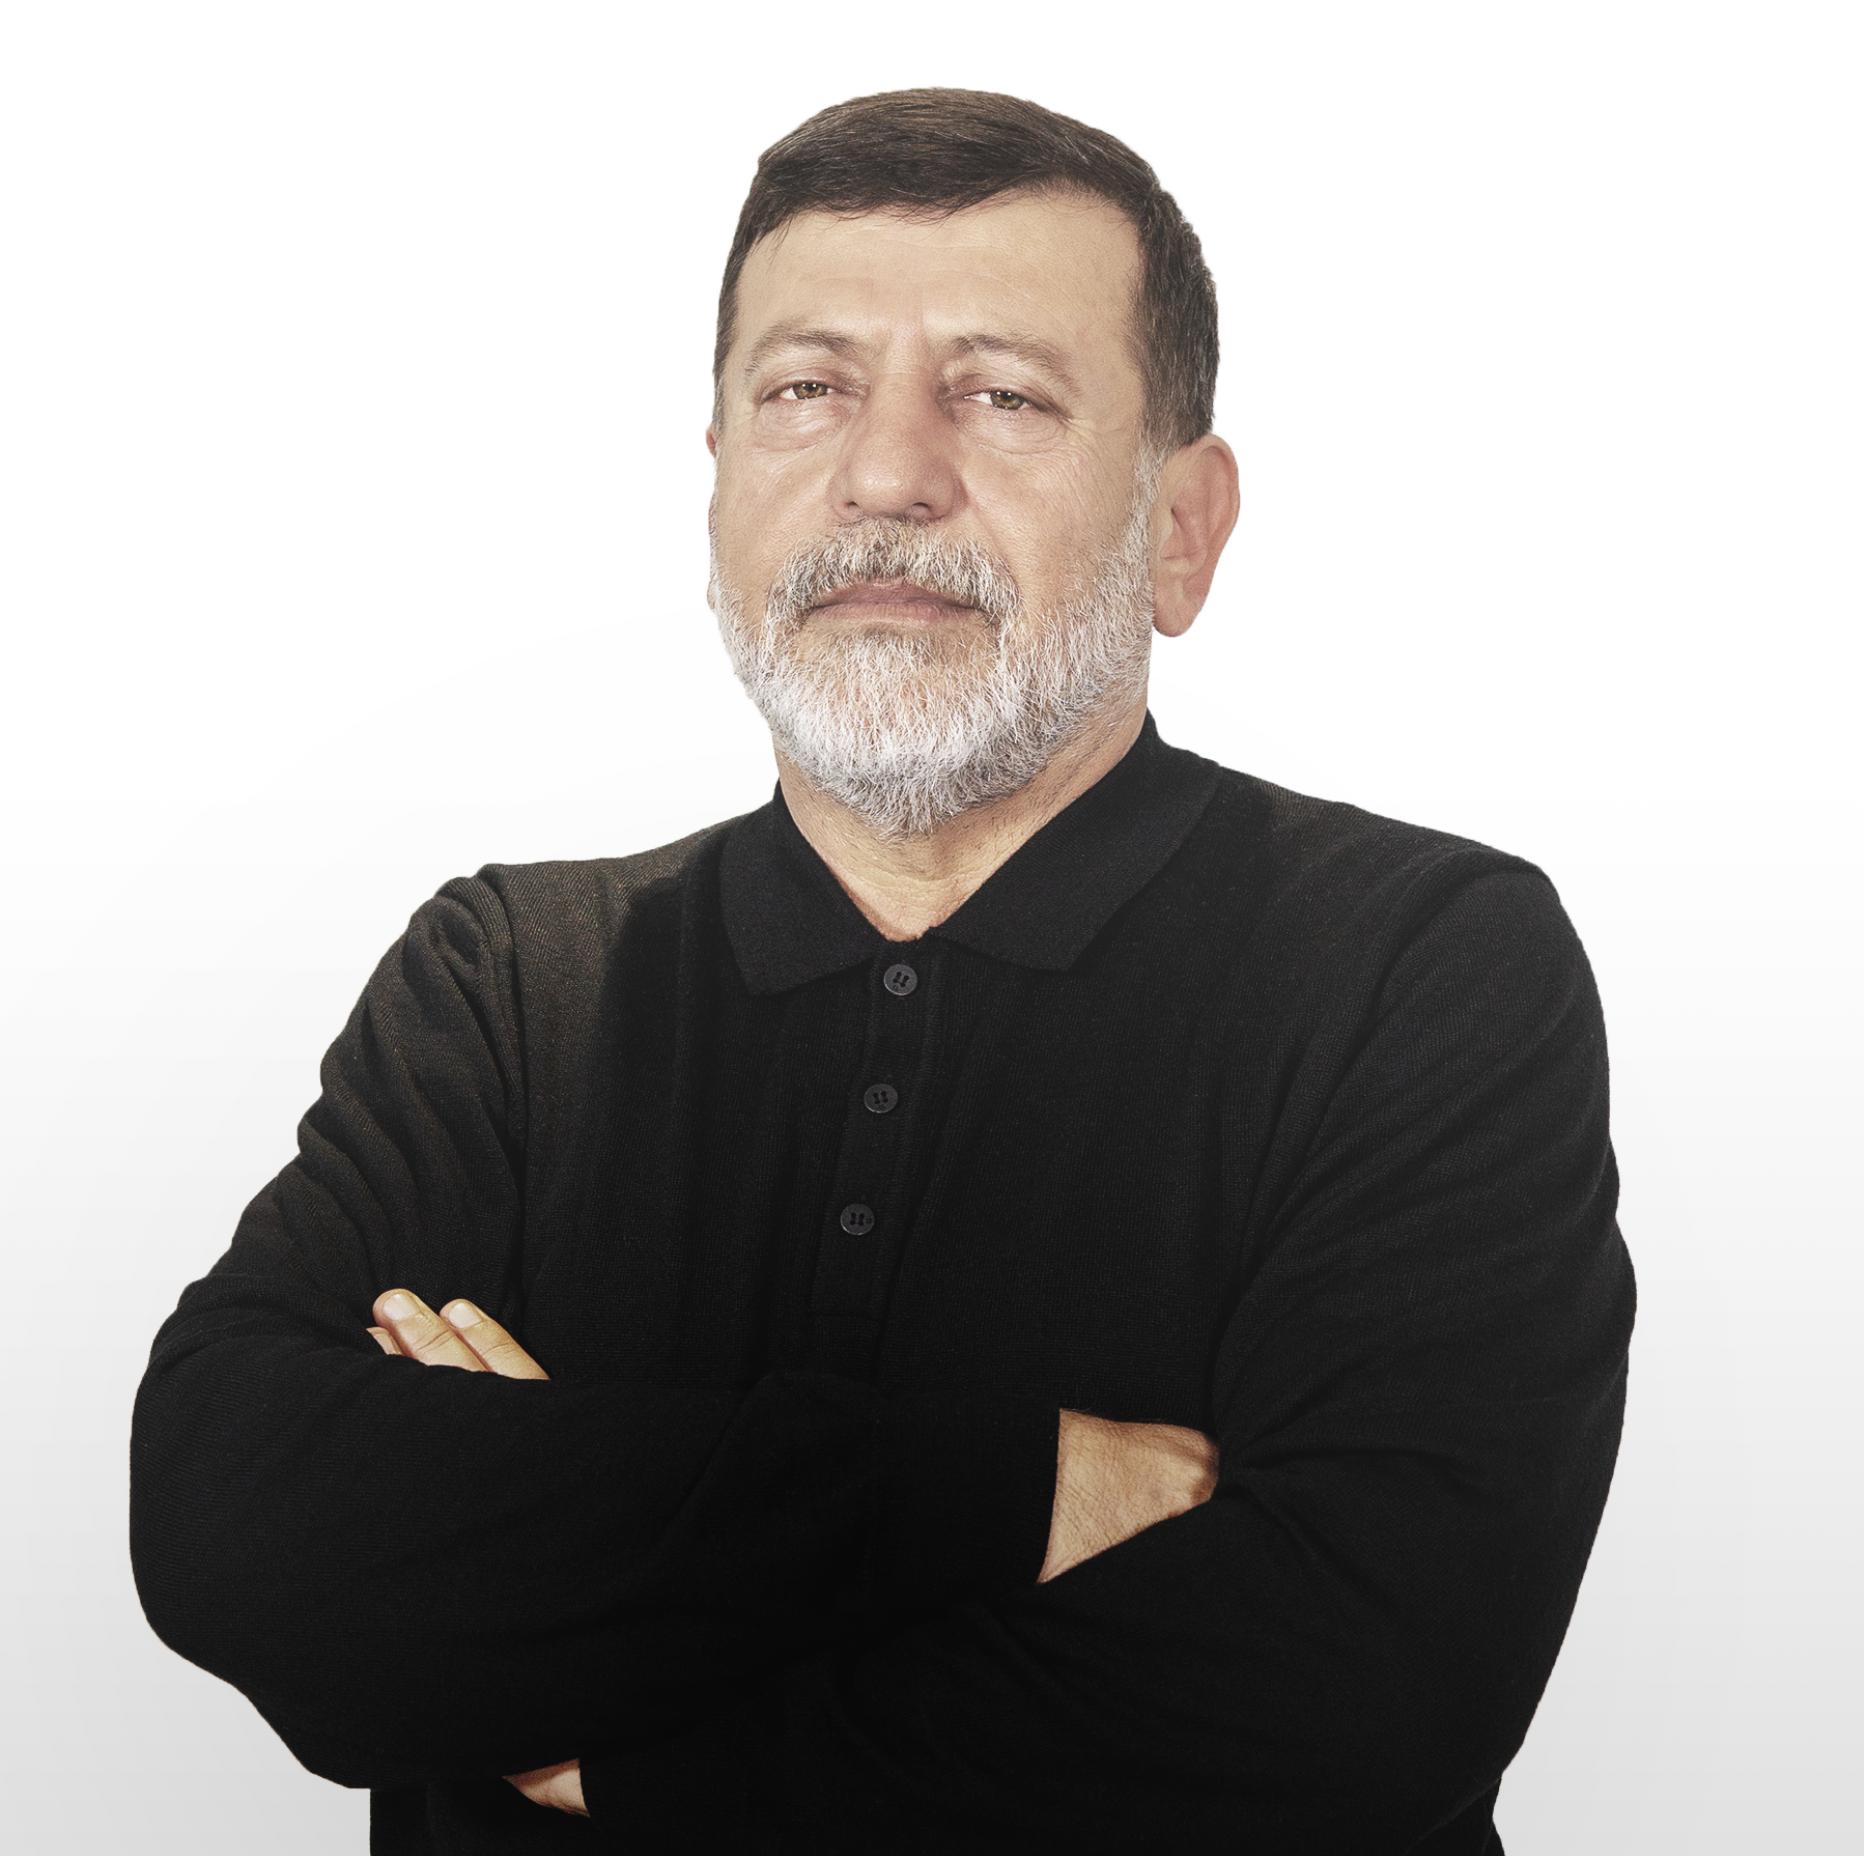 İbrahim Öztepe - Harita Mühendisi